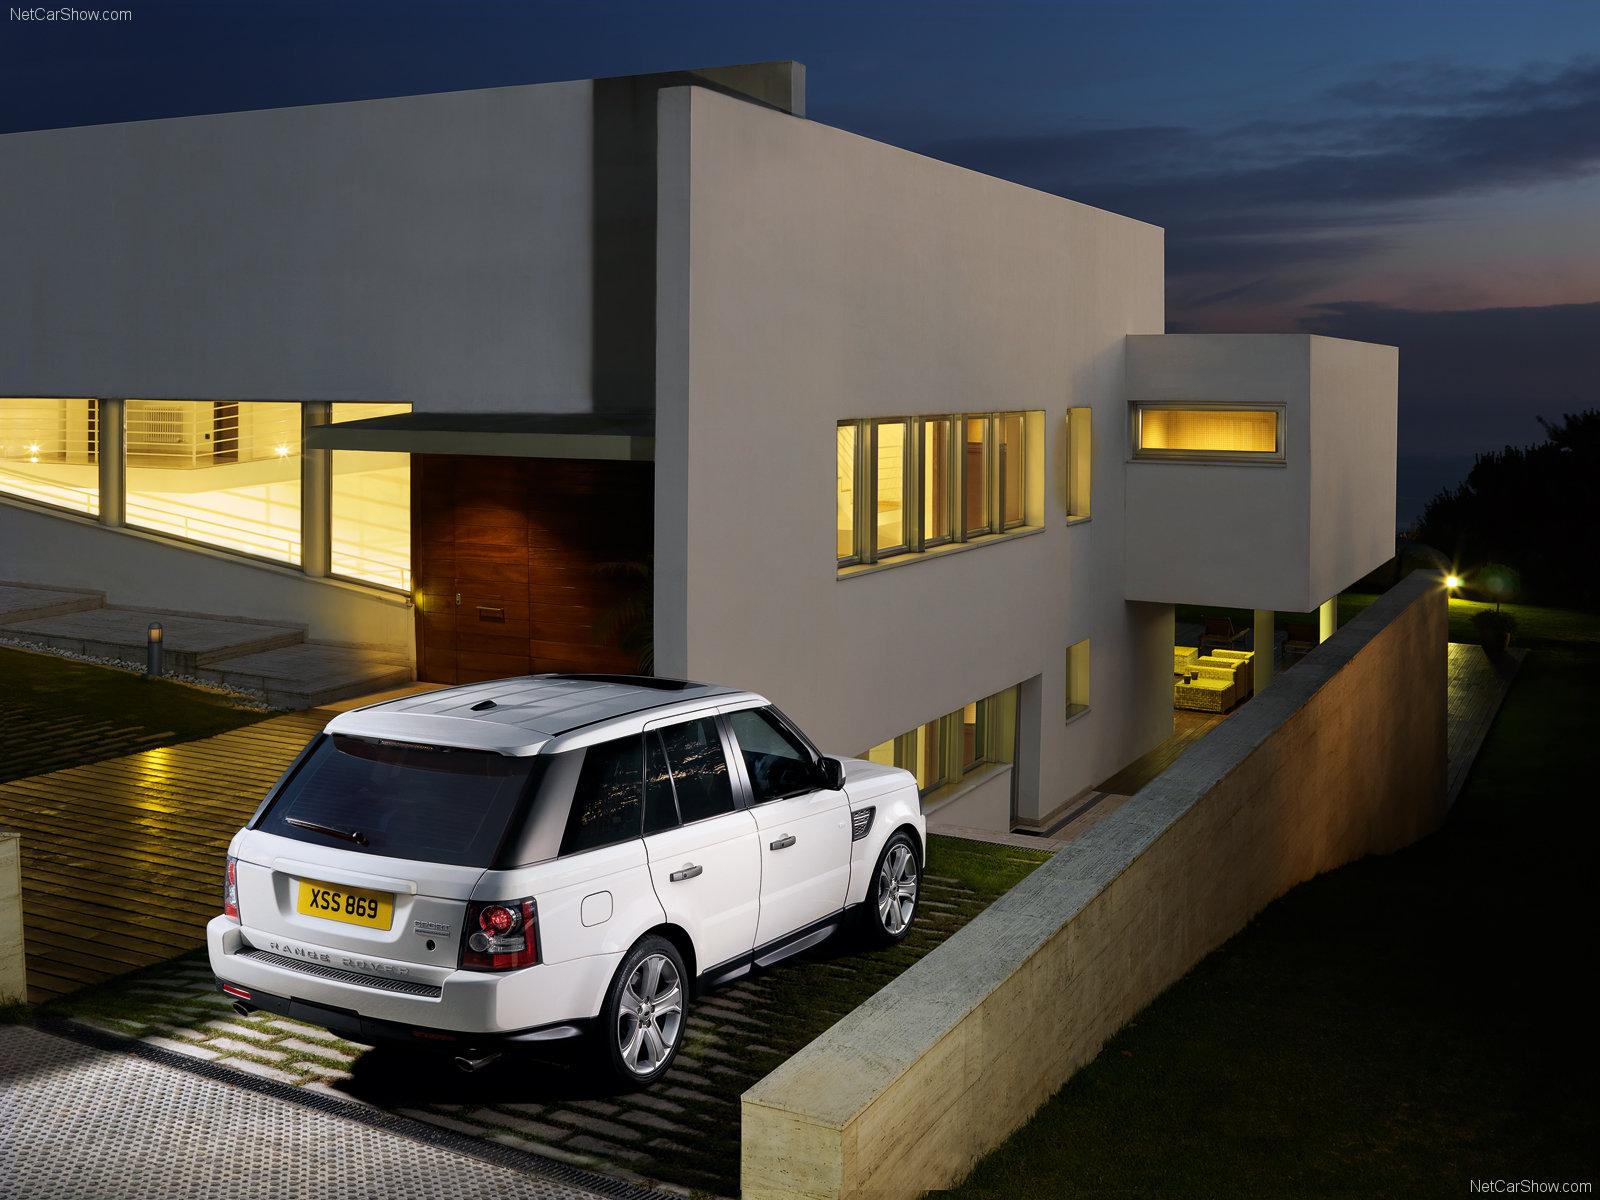 http://4.bp.blogspot.com/-jh4ytjKukwI/T99q-C90zAI/AAAAAAAAA-M/3c5w_rzODrQ/s1600/Land-Rover-Range-Rover-Sport-1600x1200_wallpaper_07.jpg